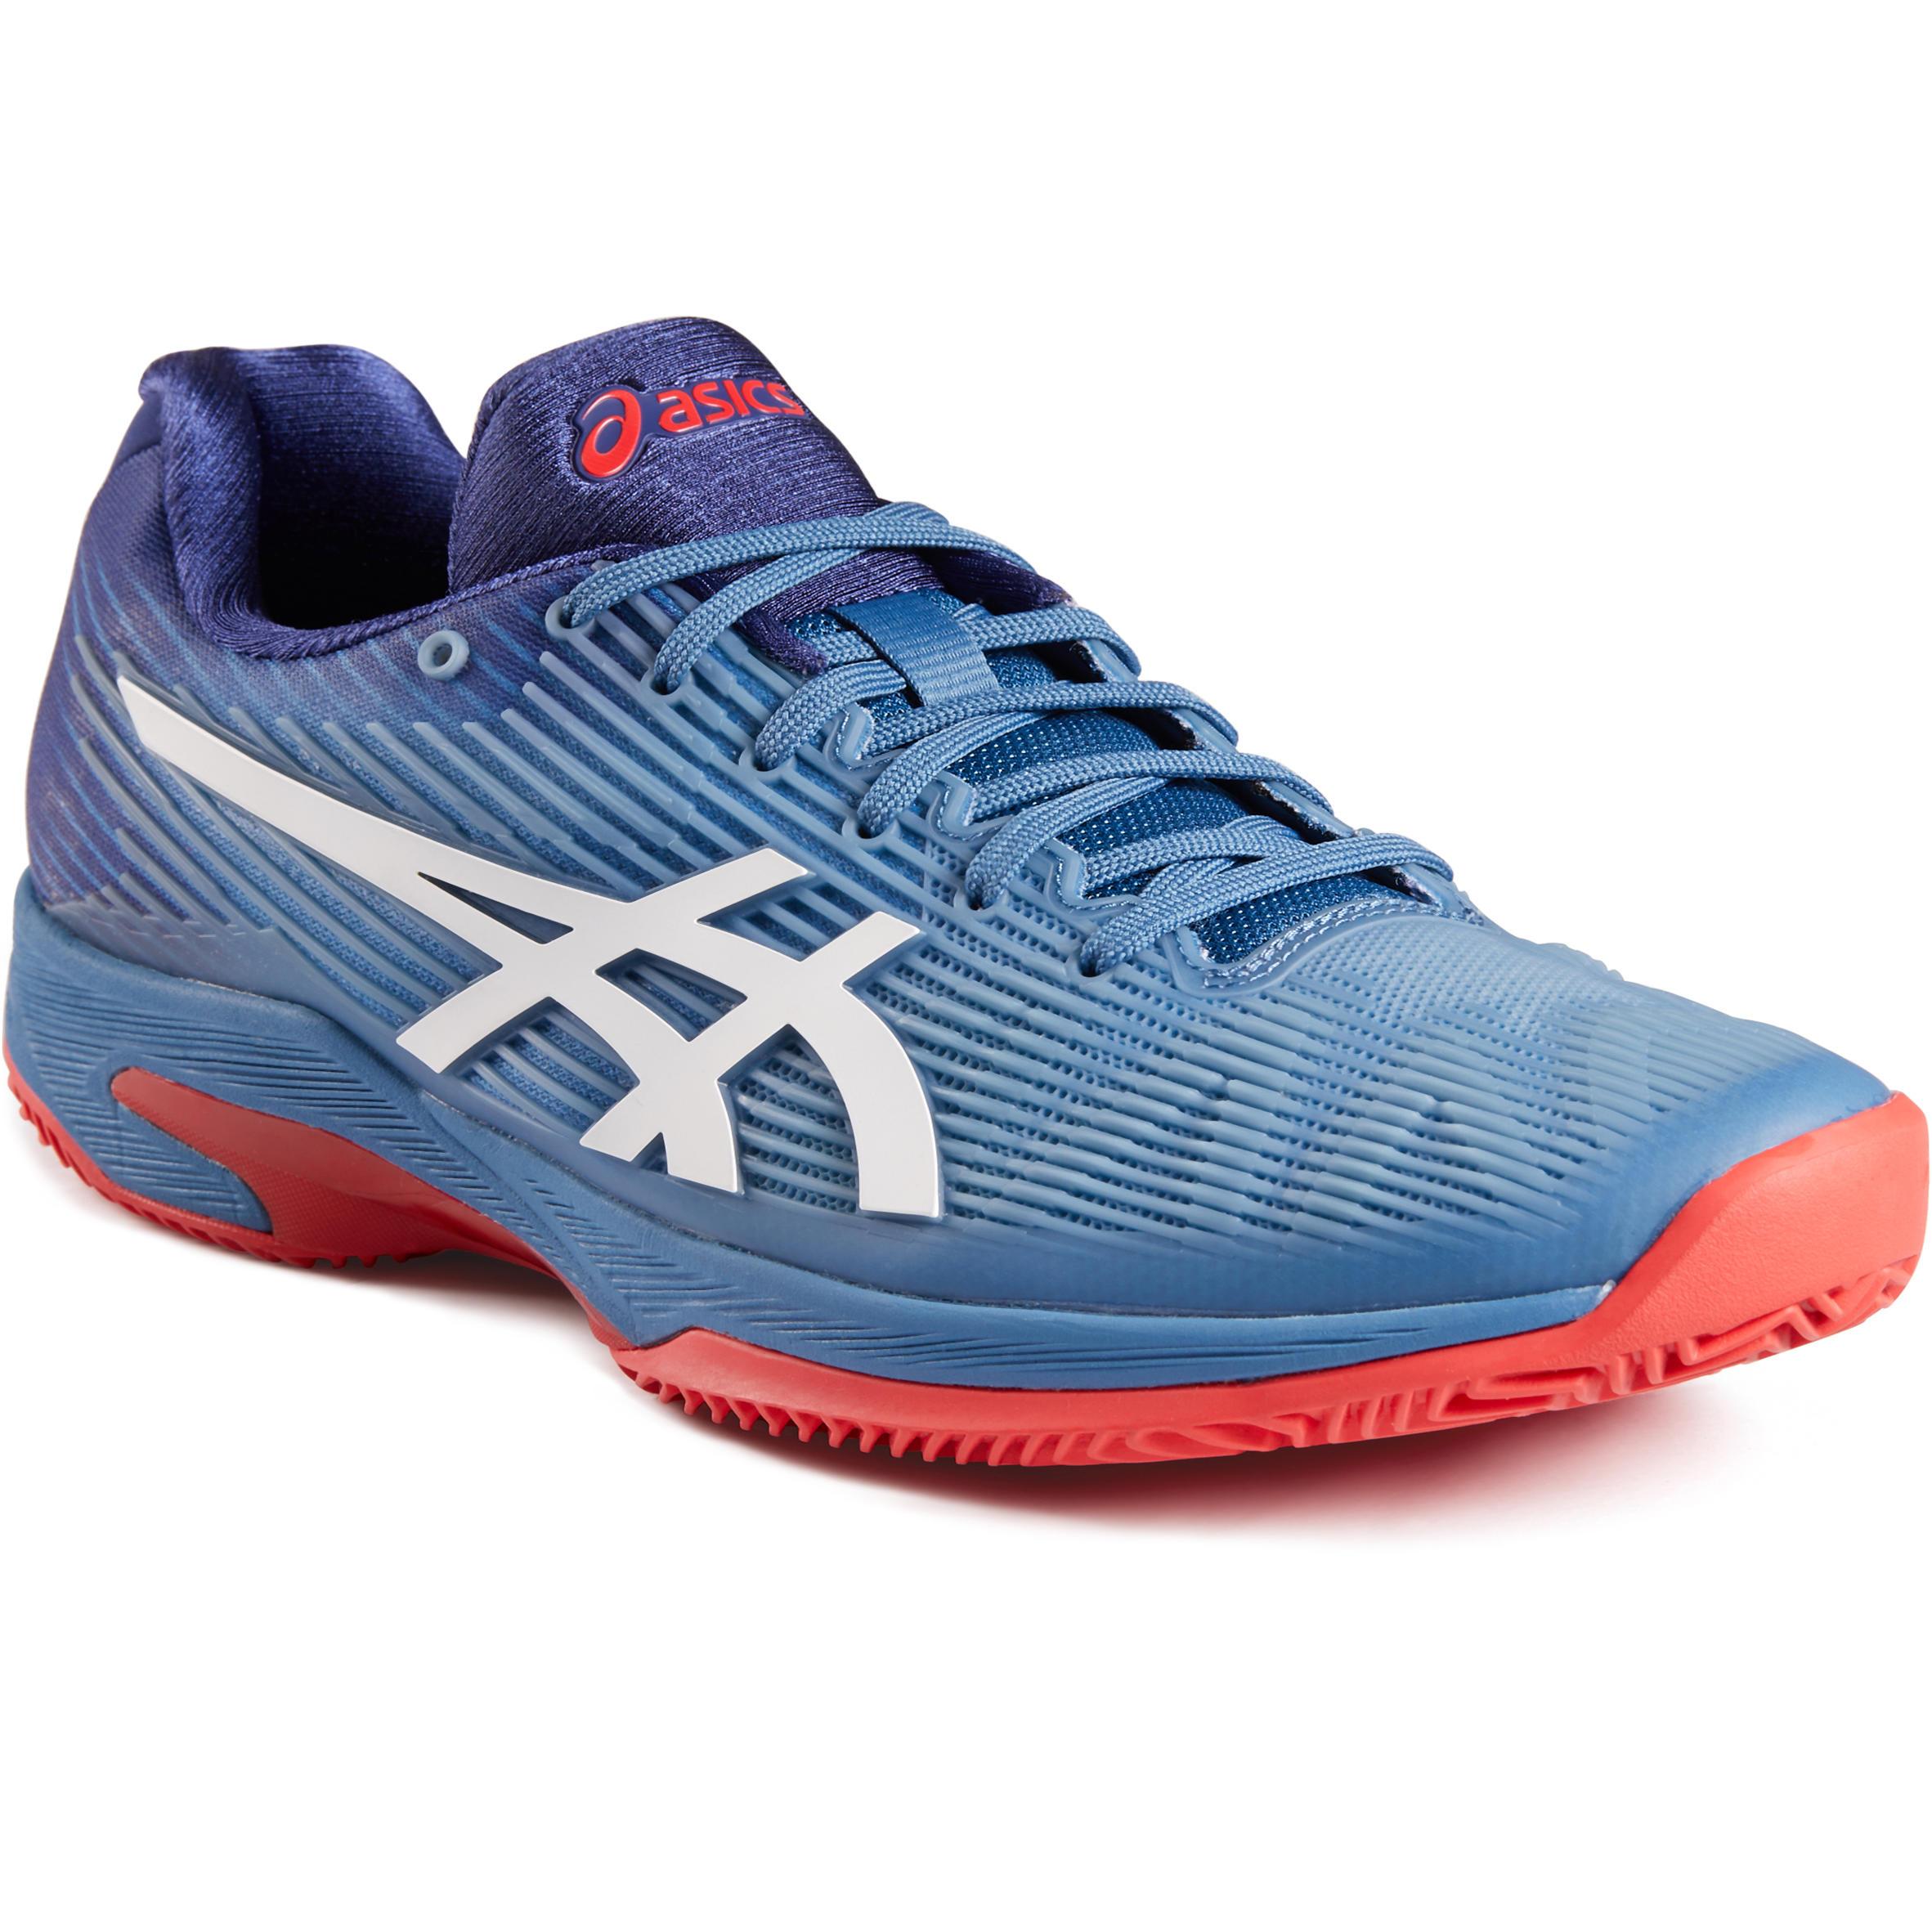 0a7dae589ca74 Comprar Zapatillas y calzado de tenis hombre